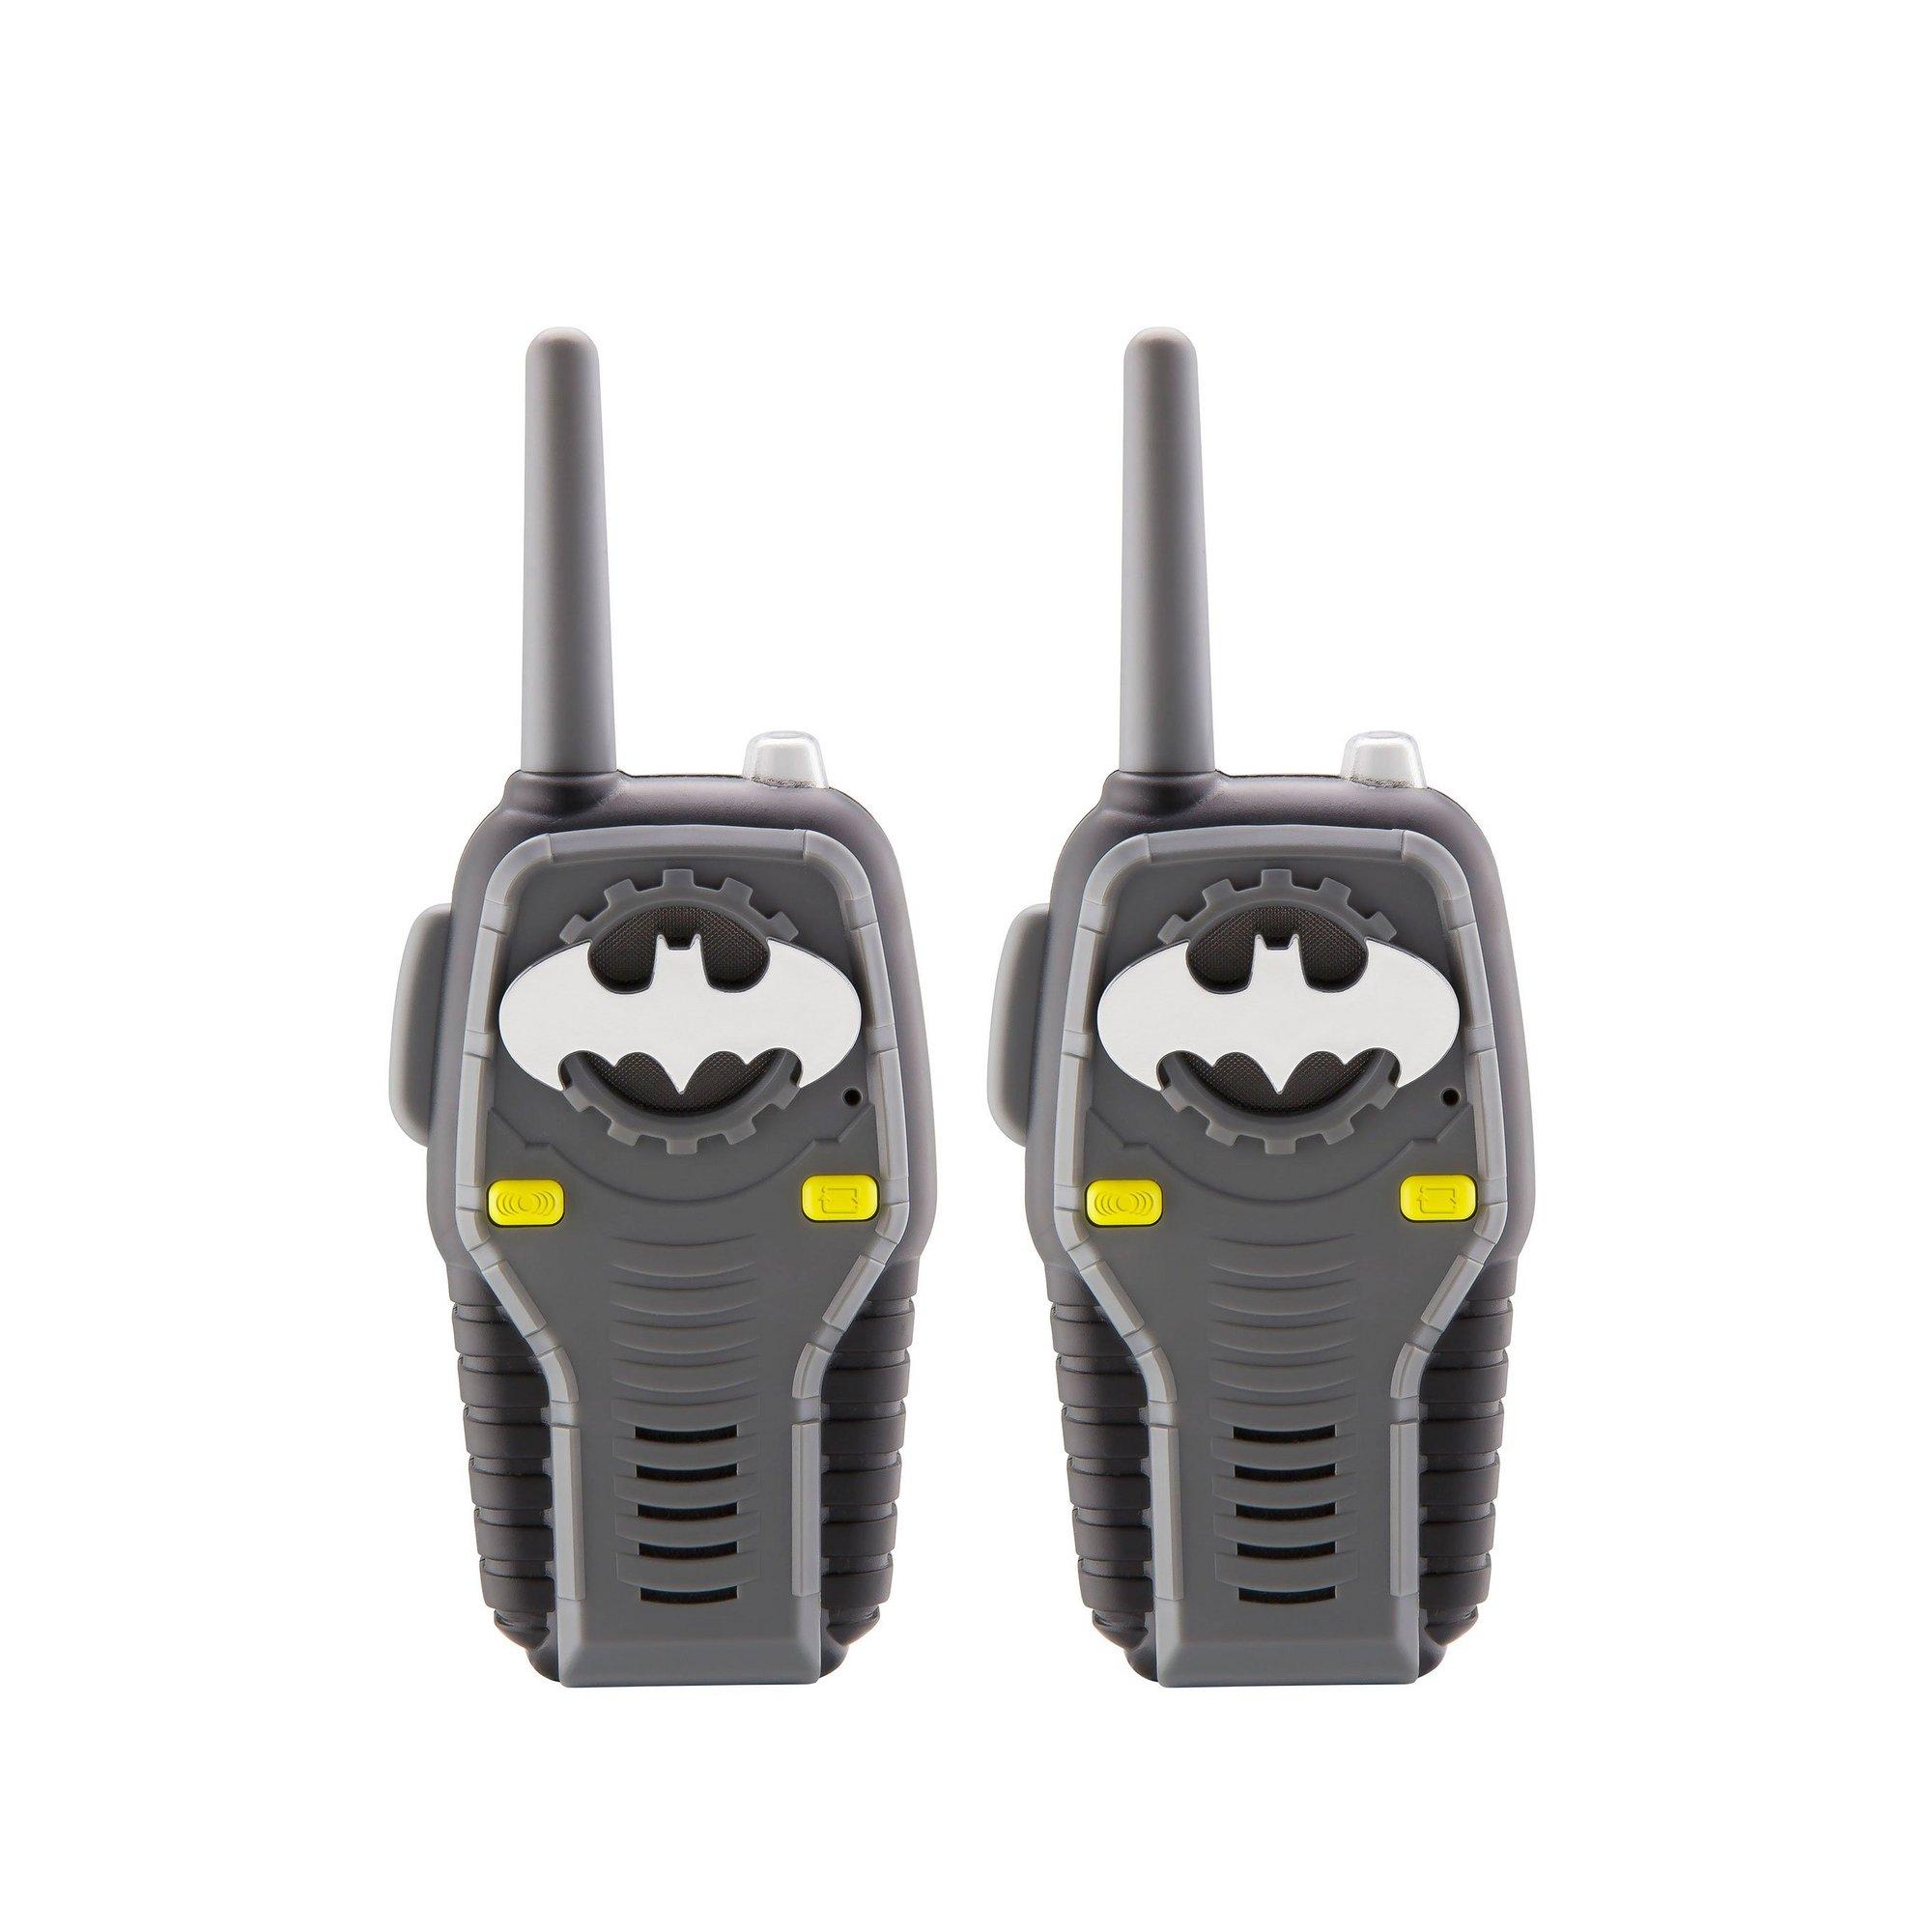 Image of Batman FRS Deluxe Walkie Talkies